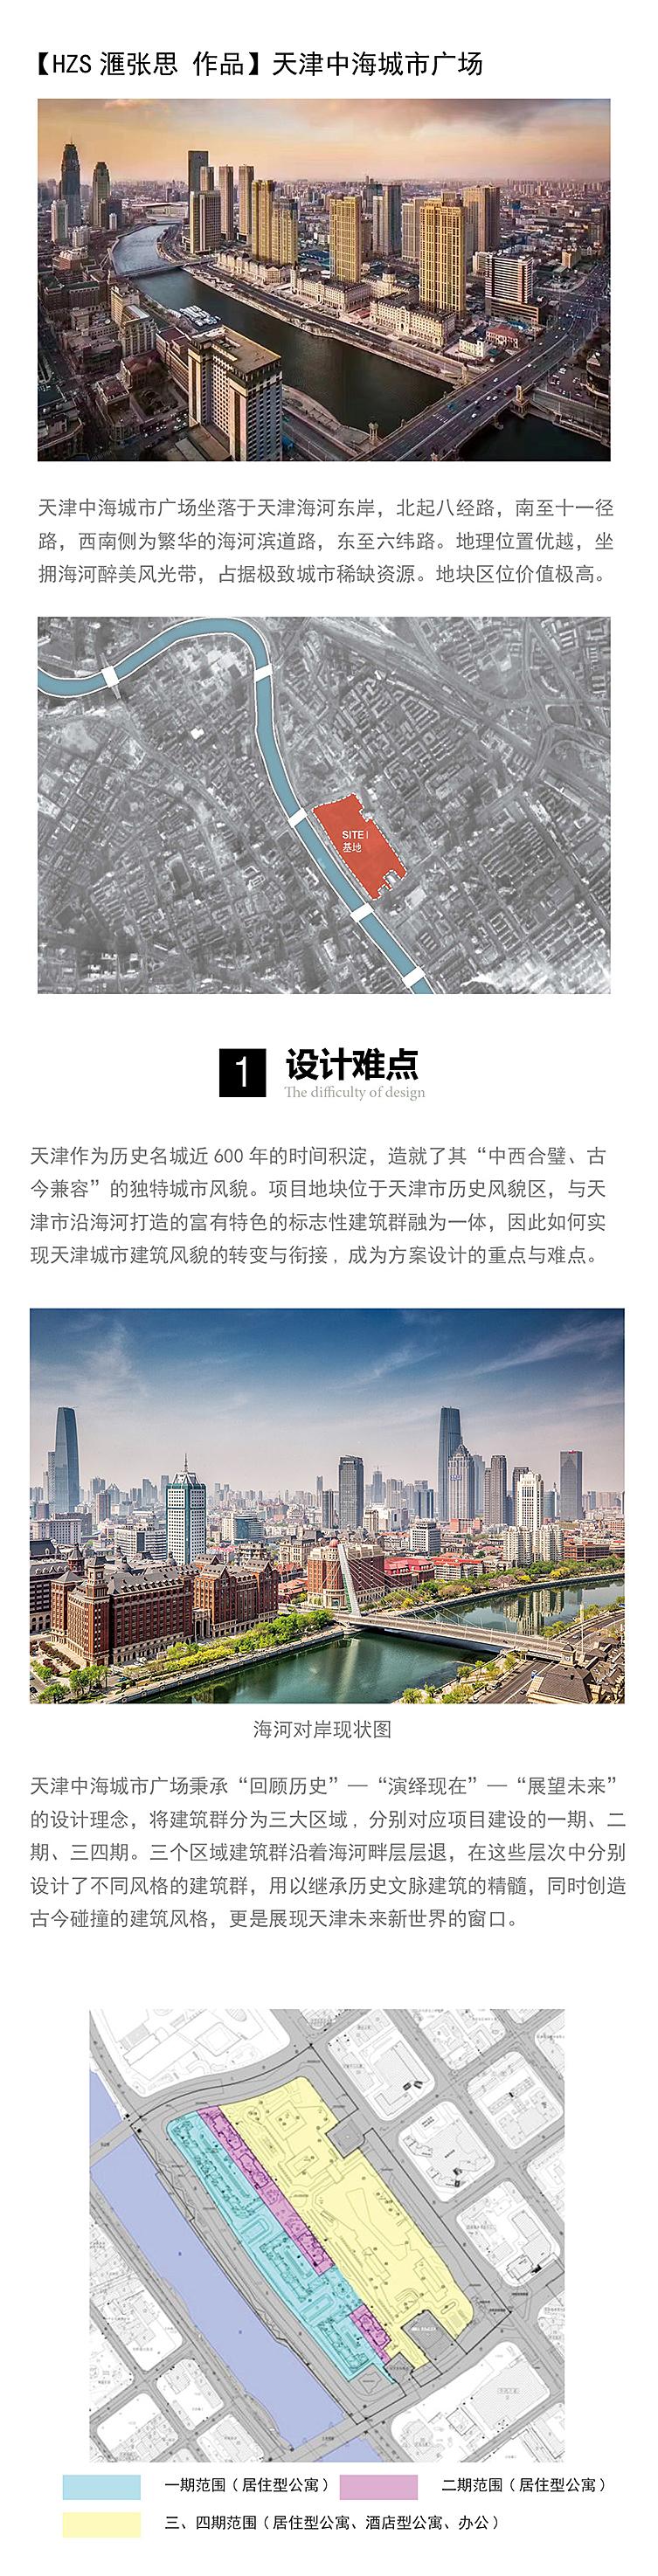 20170819天津中海城市广场.jpg